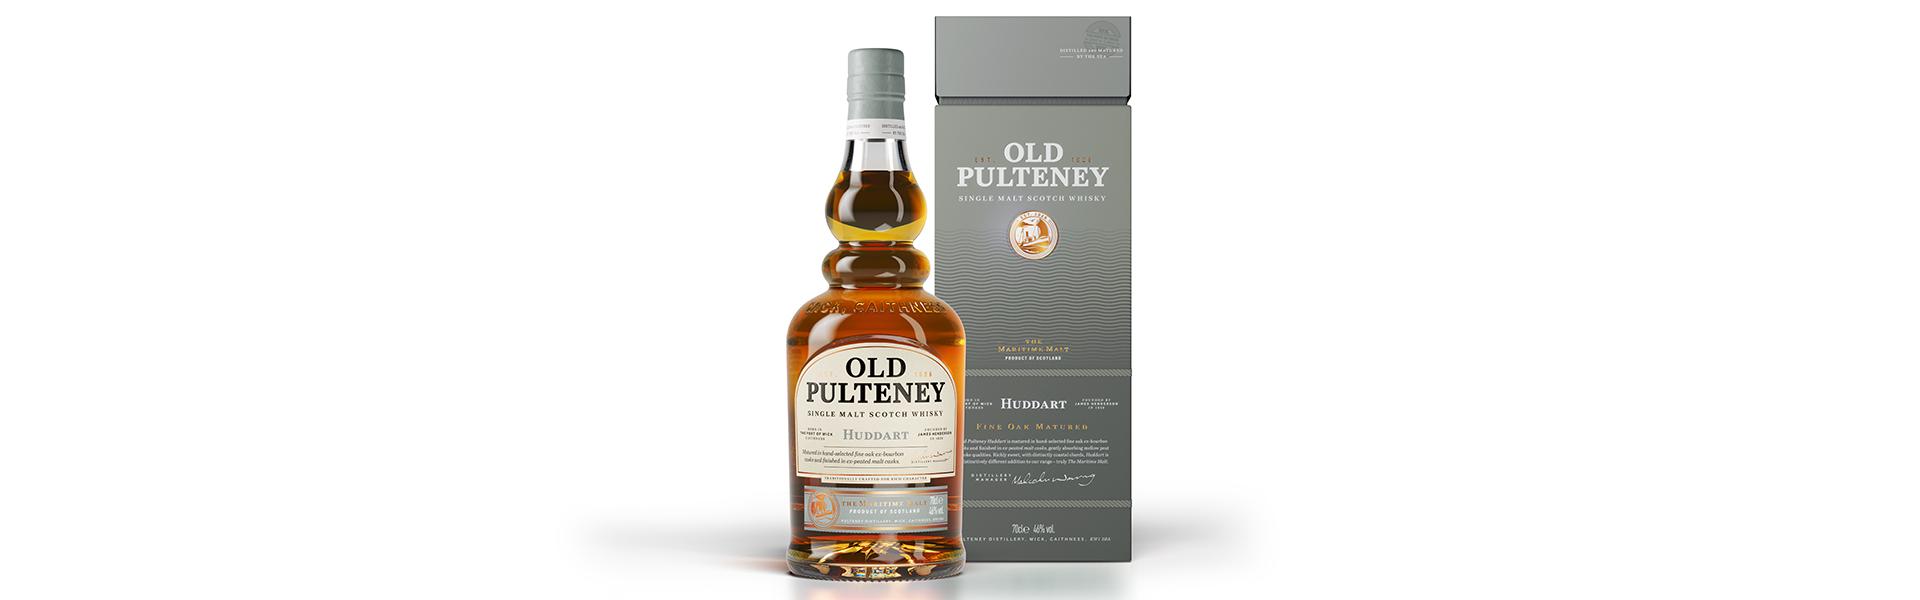 Nyhet! Rökig single malt whisky från populära Old Pulteney.